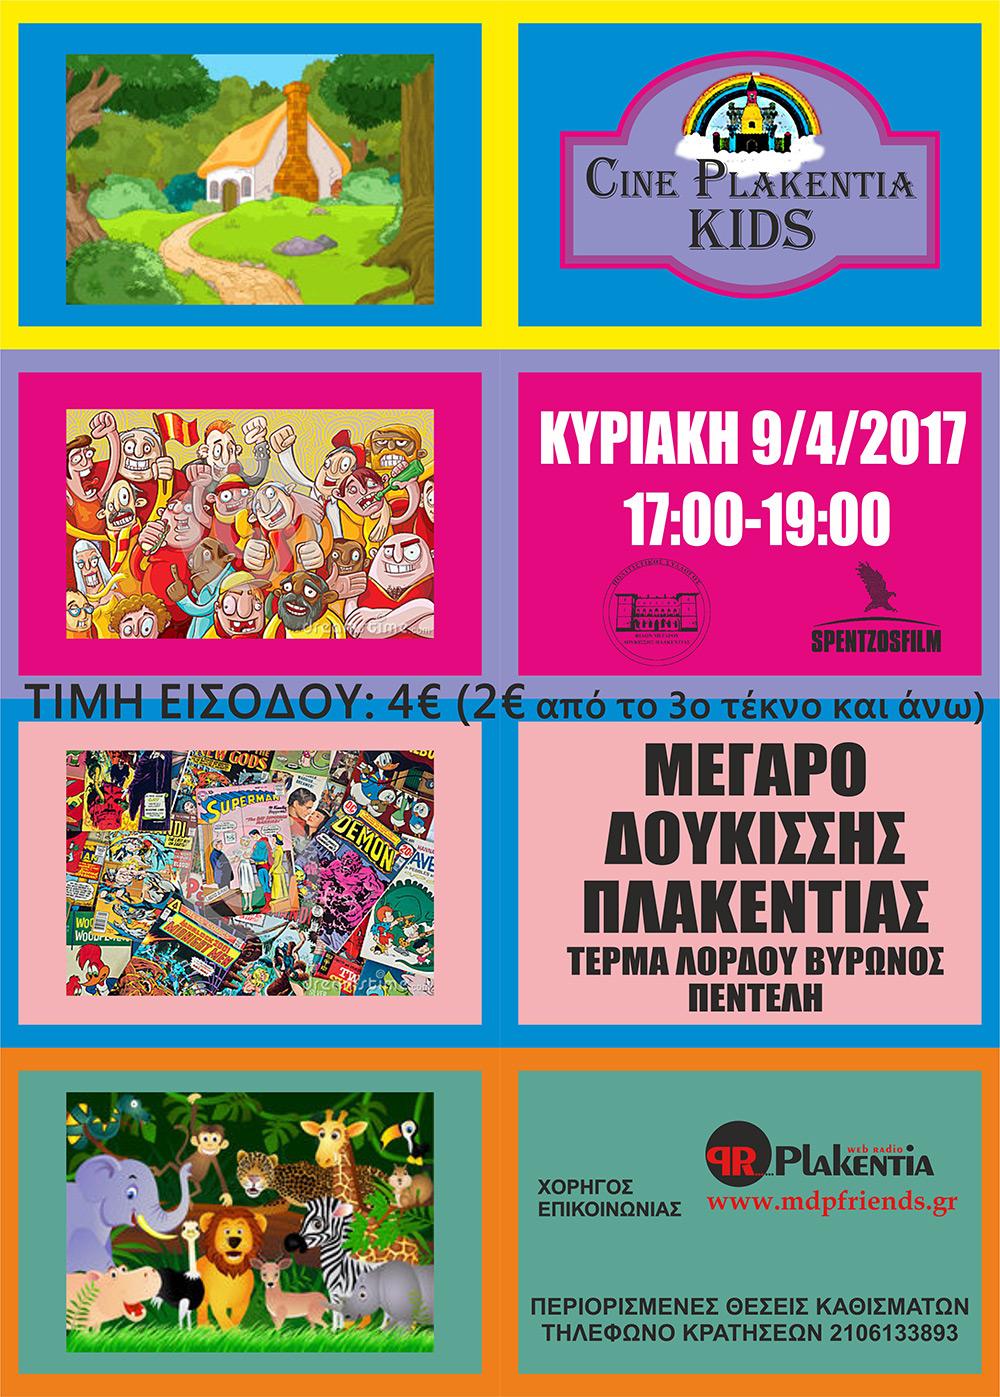 Ταινία για παιδιά 09-04-2017